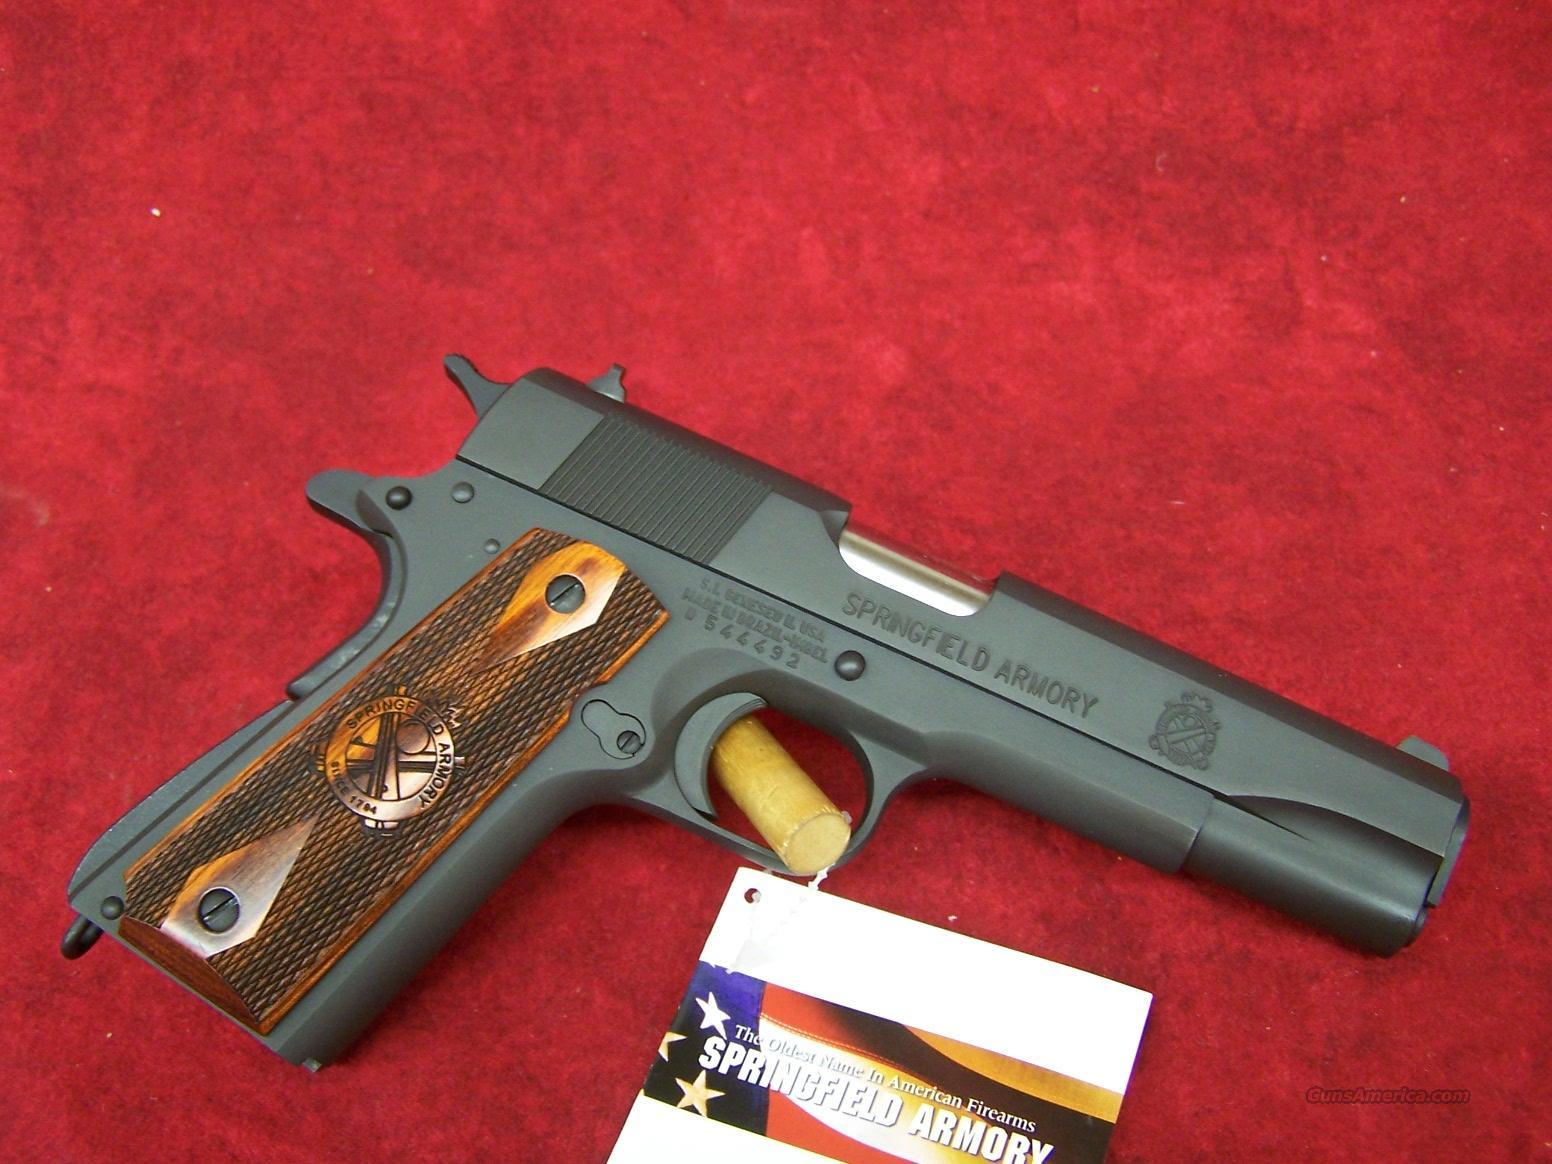 Springfield Armory 1911 .45 ACP Mil-Spec Full Size (PB9108L)    Guns > Pistols > Springfield Armory Pistols > 1911 Type